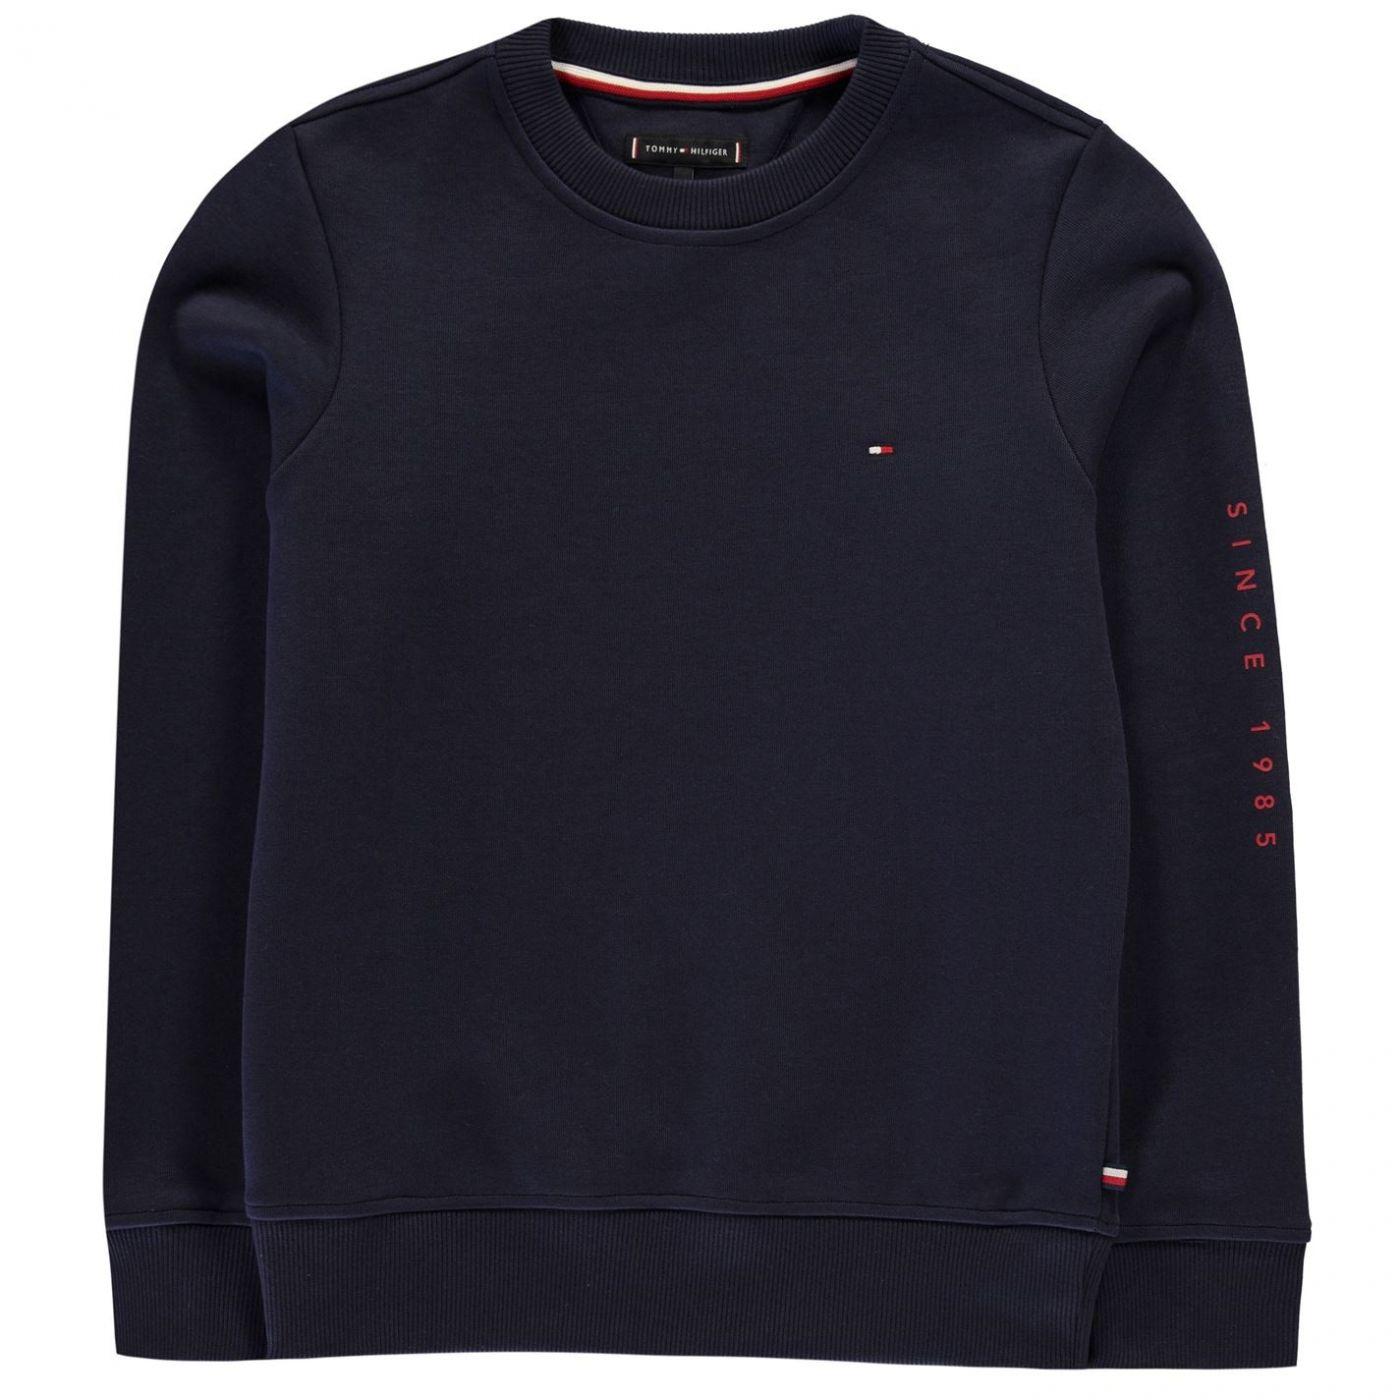 Tommy Hilfiger Interlock Crew Neck Sweatshirt